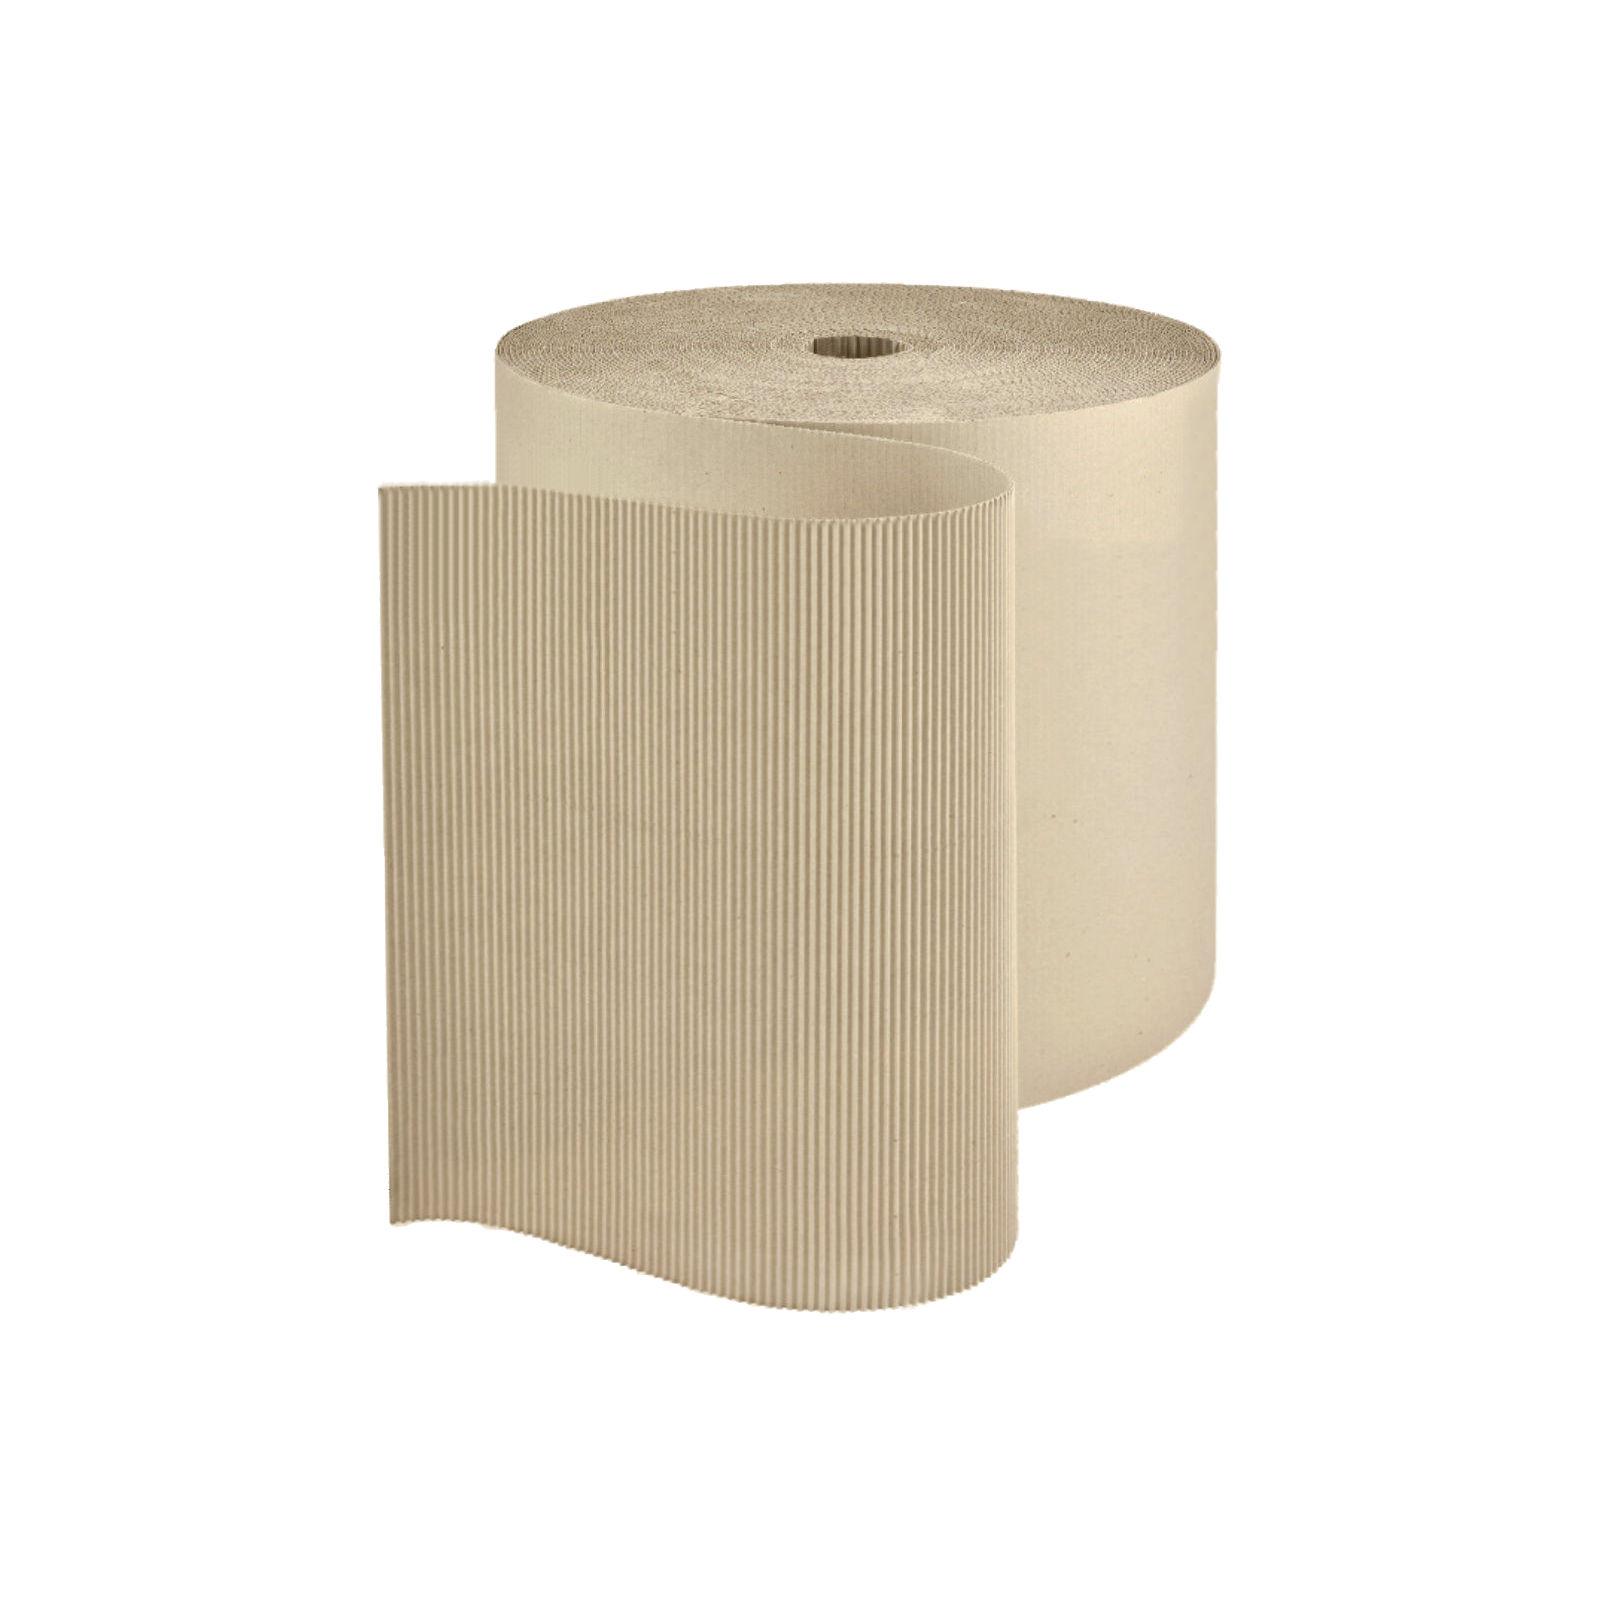 Wellpappe Rolle 100m2 100cmx100m 1 Welig Welle C Verpackungen Umzug